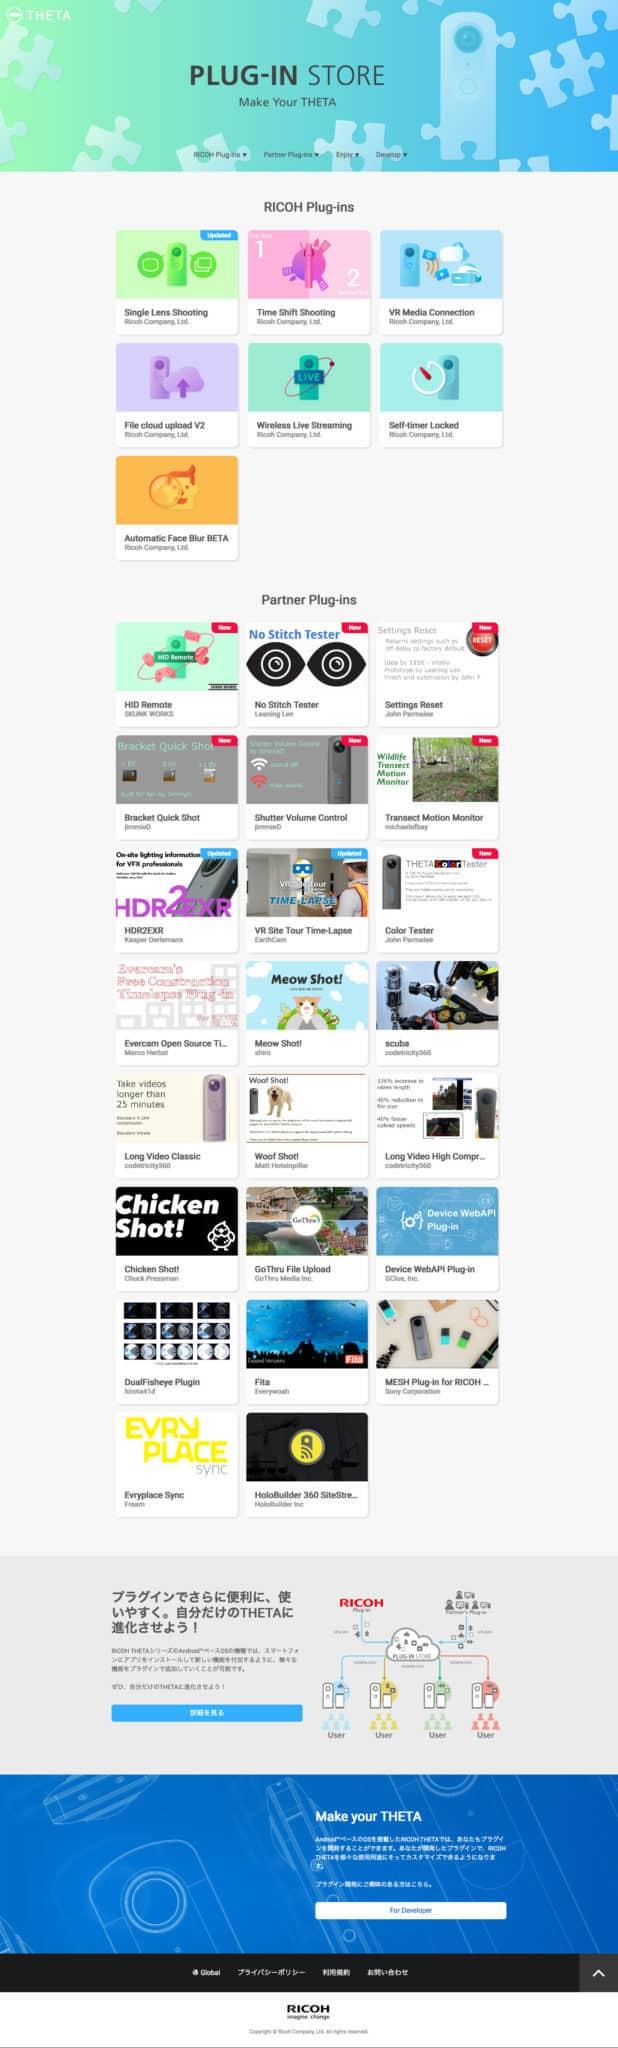 7月10日の RICOH THETA Plug-in Store のスクリーンキャプチャ